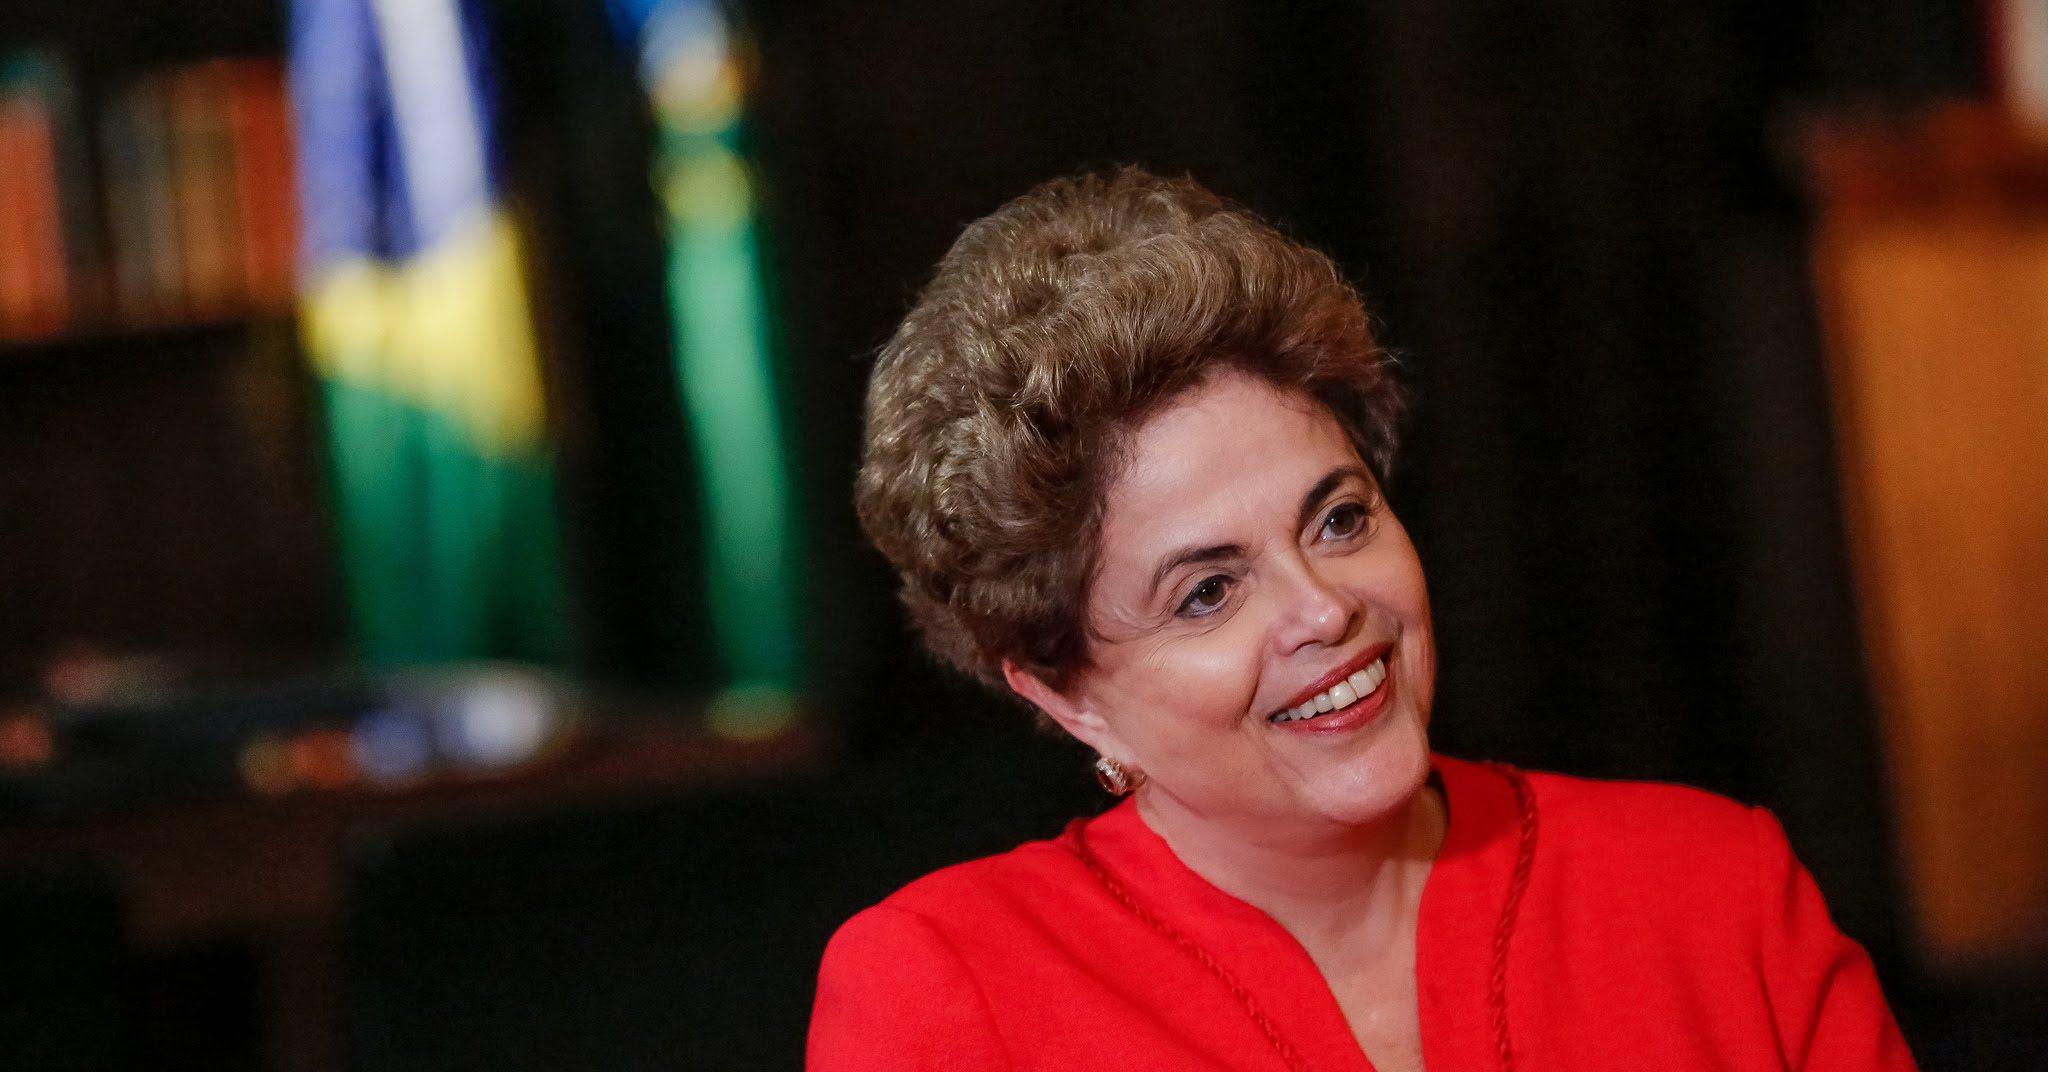 Ao vivo: Ato pela democracia com Dilma Rousseff em Brasília